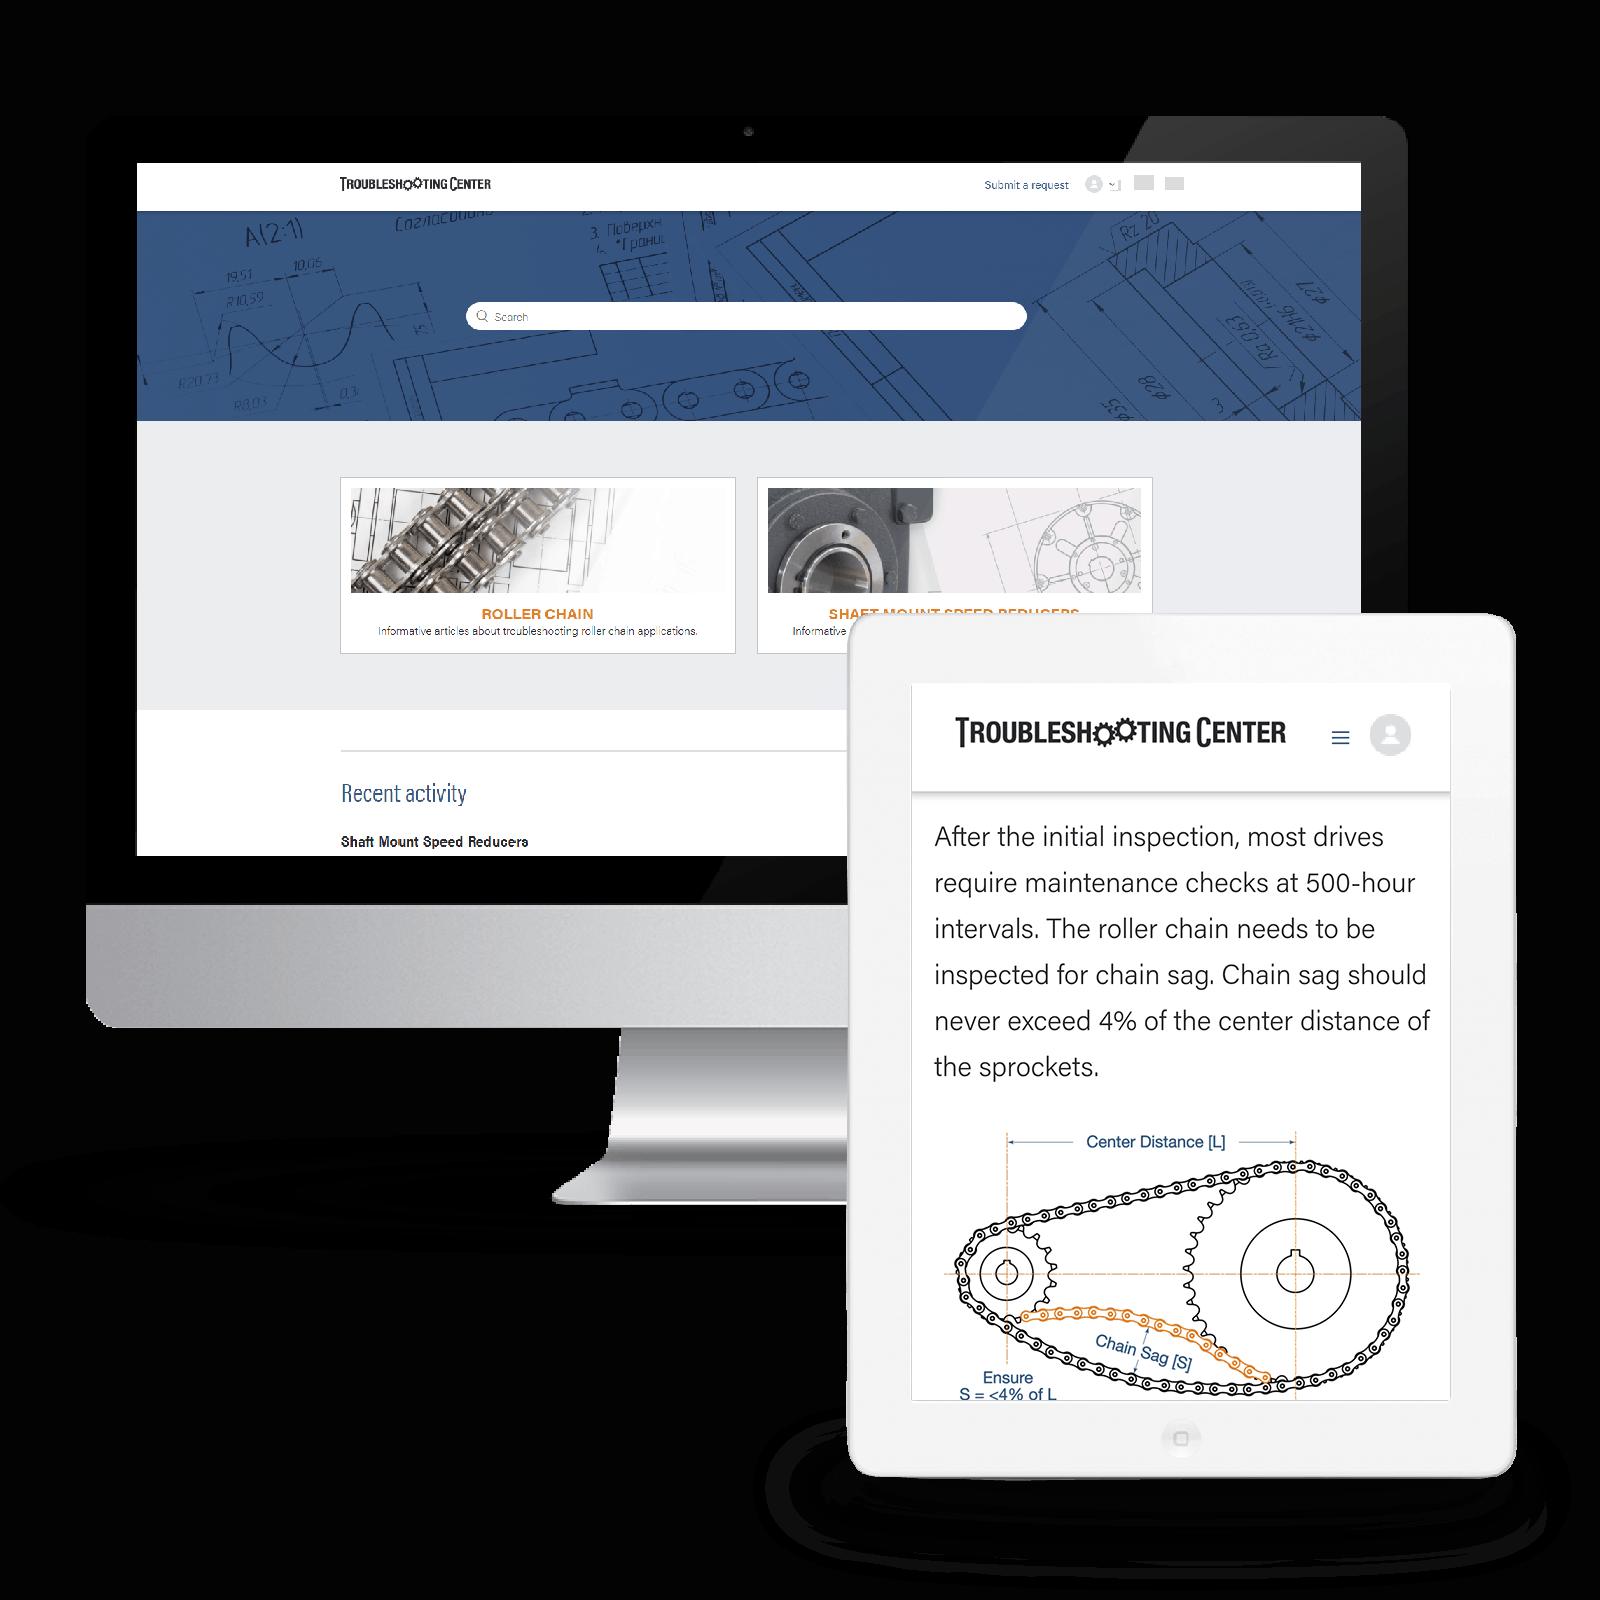 TC Landing Page Image